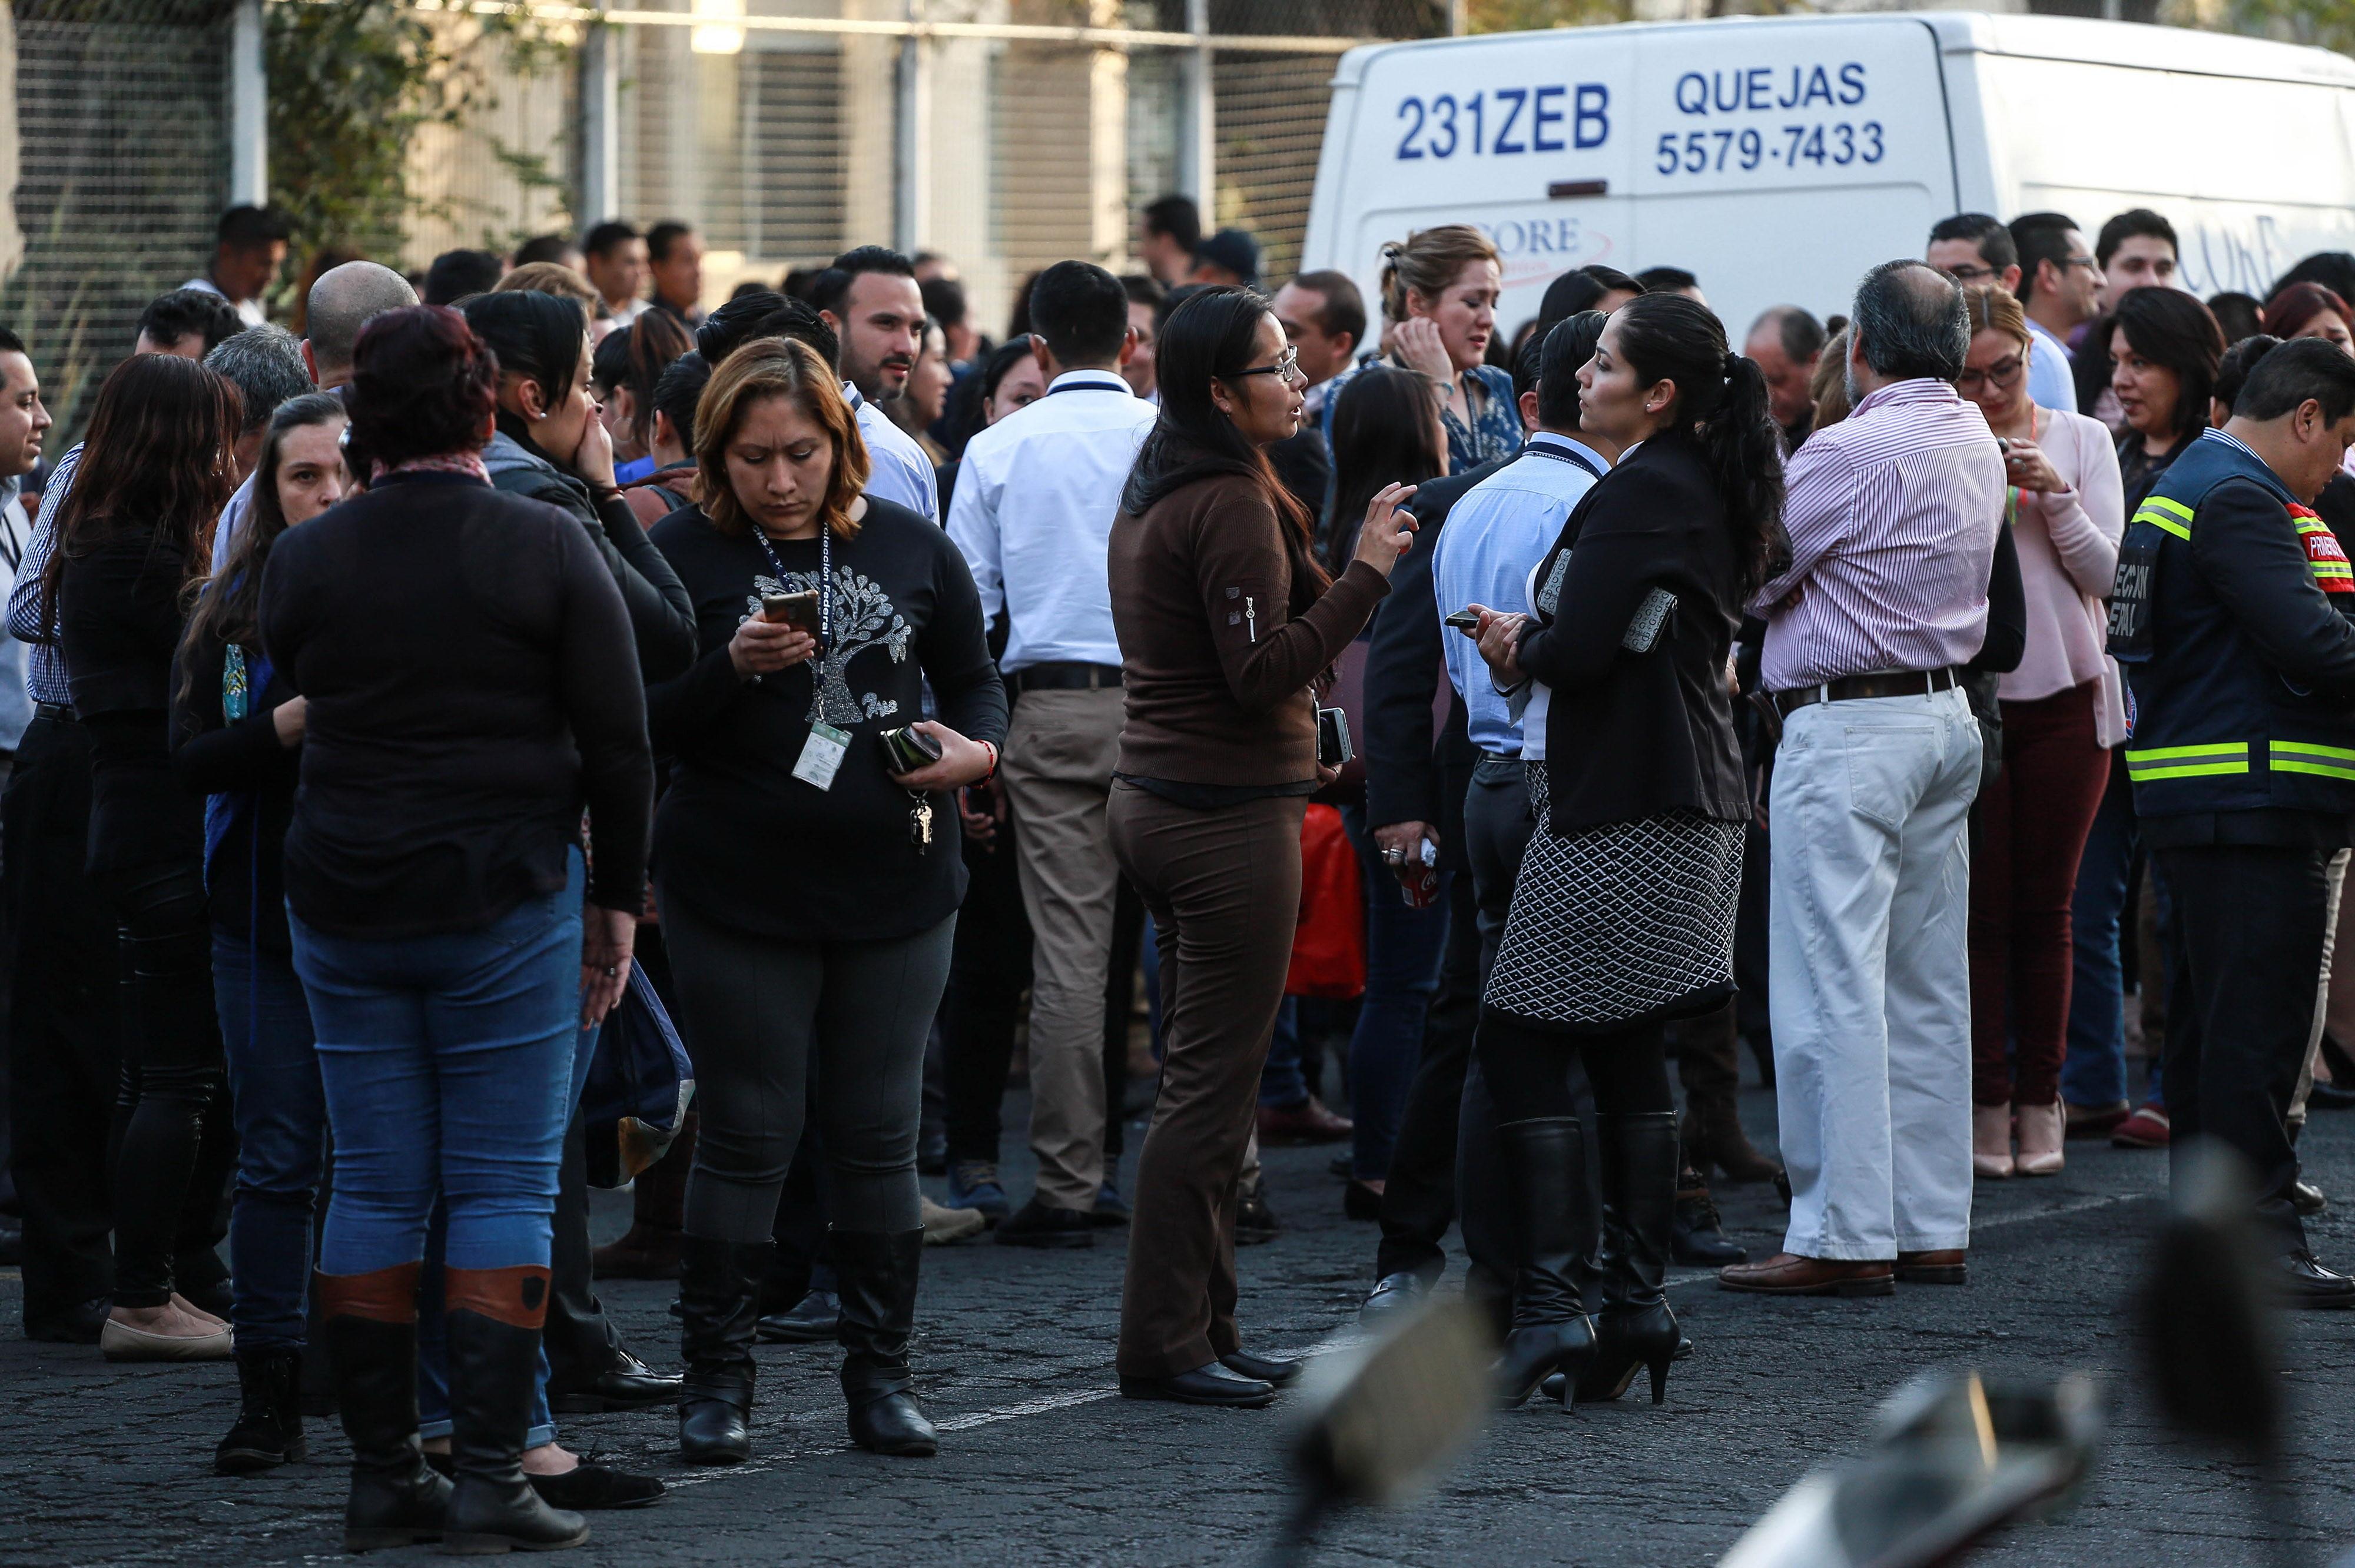 Cutremur de 7,2 în Mexic, cu 225 de replici. Elicopterul ministrului de Interne s-a prăbușit în drum spre epicentru